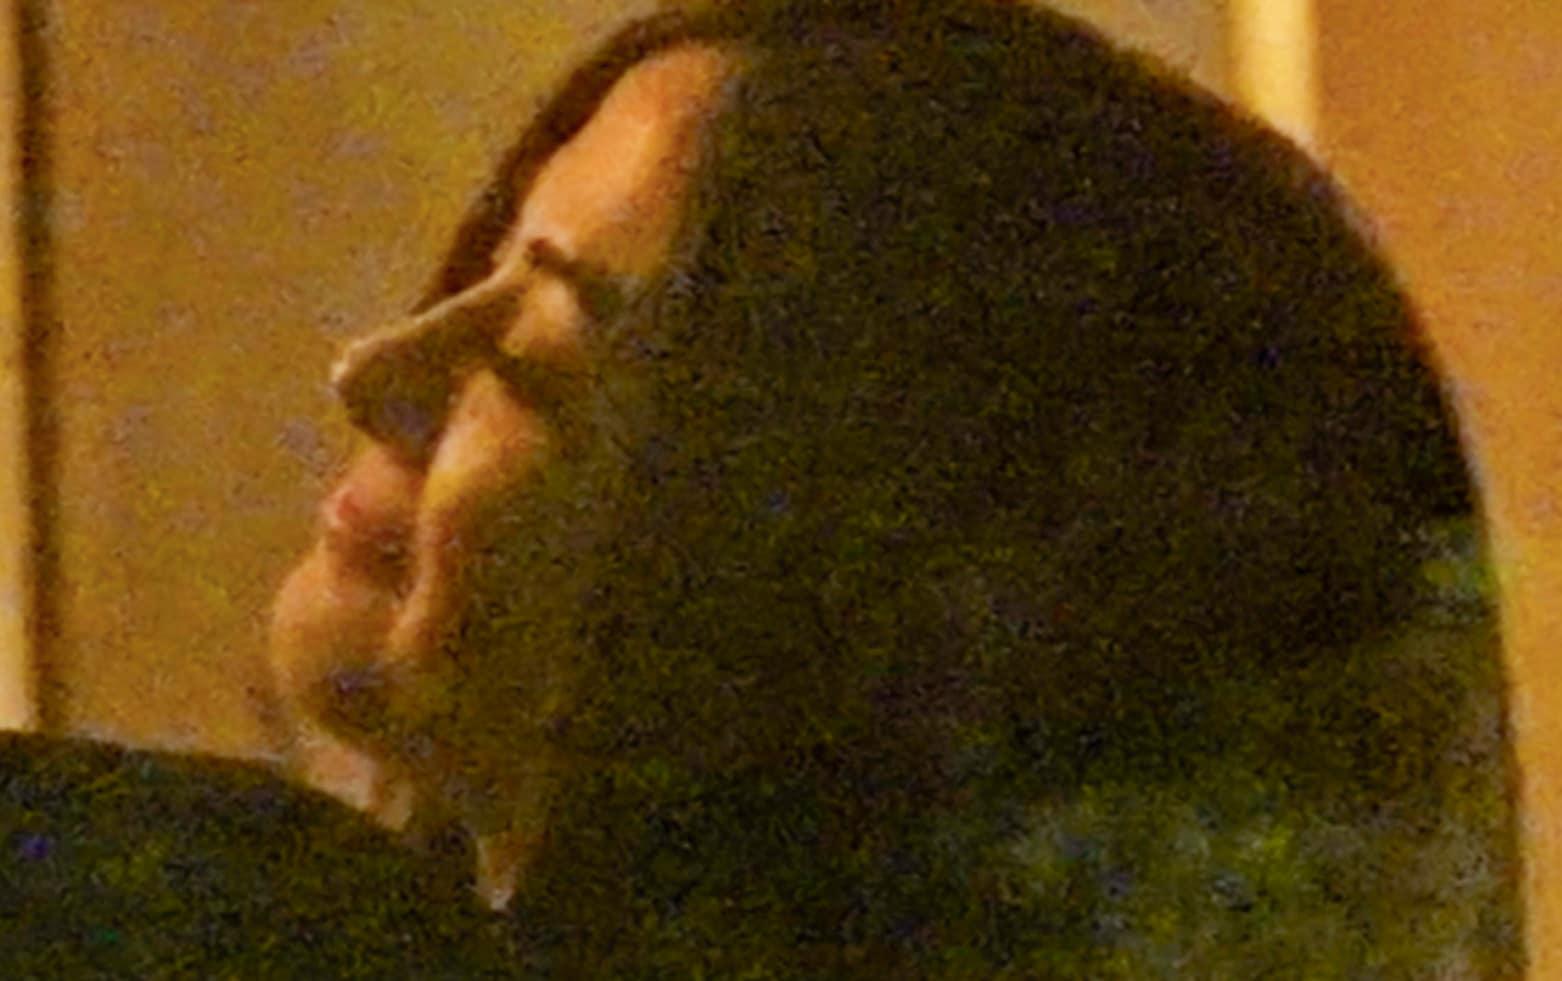 """Il settimanale *Chi* anticipa un'esclusiva che pubblicherà sul numero in edicola da mercoledì 14 marzo: la nuova coppia del gossip di primavera è quella composta dall'ex velina Giorgia Palmas e dal nuotatore Filippo Magnini. I due si frequentano da poco tempo e sono stati avvistati e fotografati prima a Milano, dove hanno pranzato insieme in un tavolo appartato, e poi in Svizzera per una cena romantica. La Palmas è tornata single dopo un legame durato anni con l'inviato di """"Striscia"""" Vittorio Brumotti e Magnini è al suo primo legame serio dopo la fine della tormentata storia d'amore con Federica Pellegrini."""